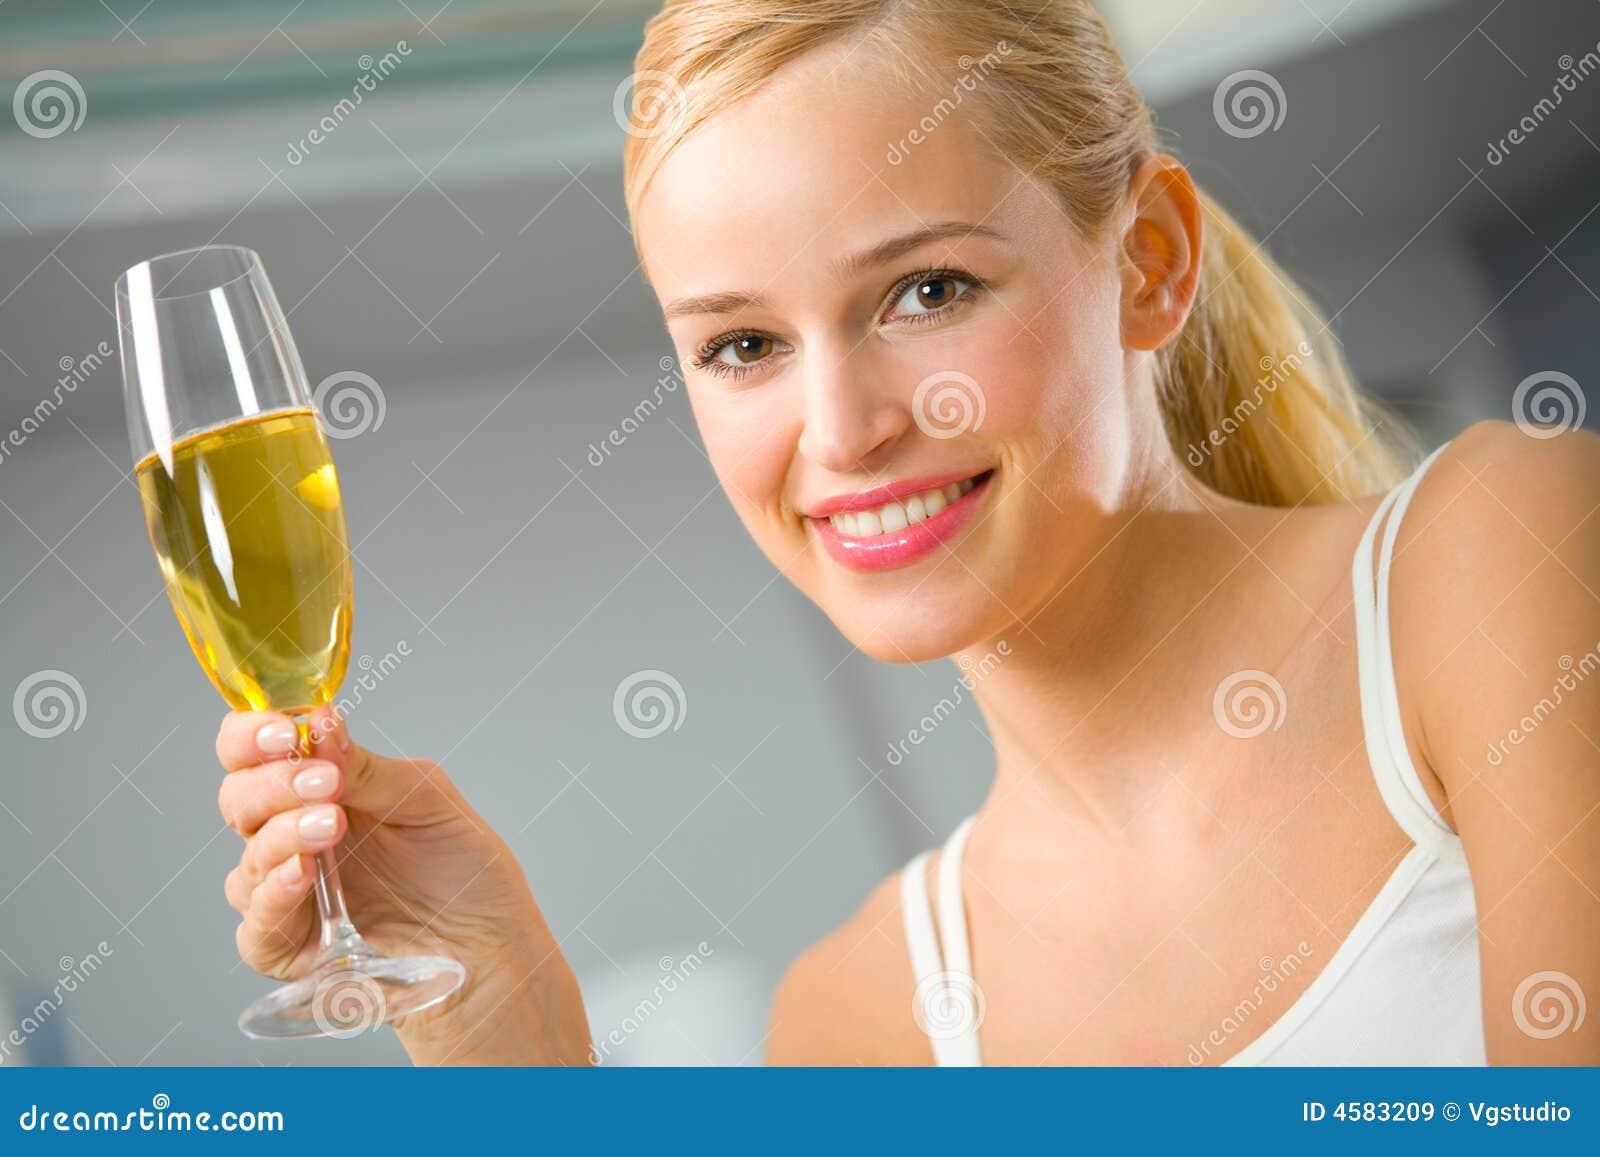 худеем на шампанском